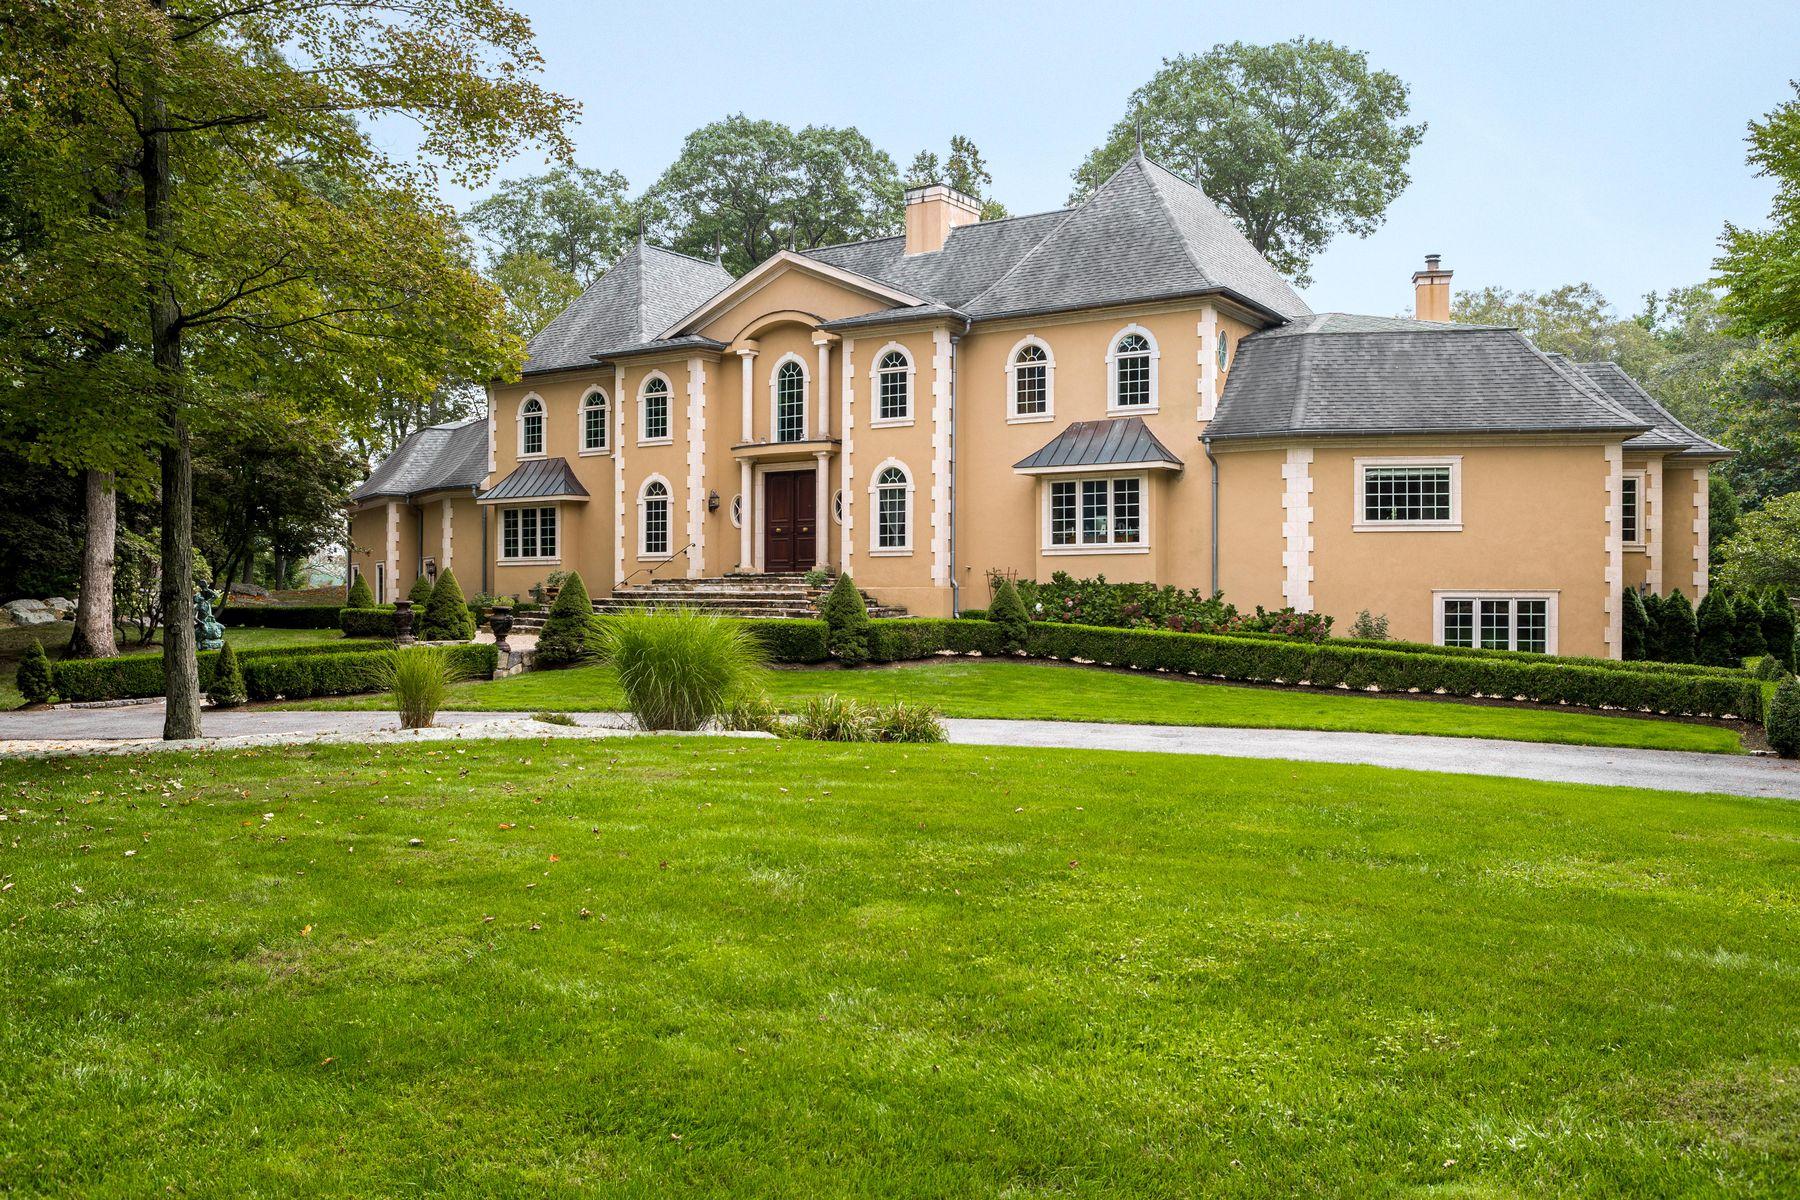 独户住宅 为 出租 在 367 Riversville Road 367 Riversville Road 格林威治, 康涅狄格州 06831 美国